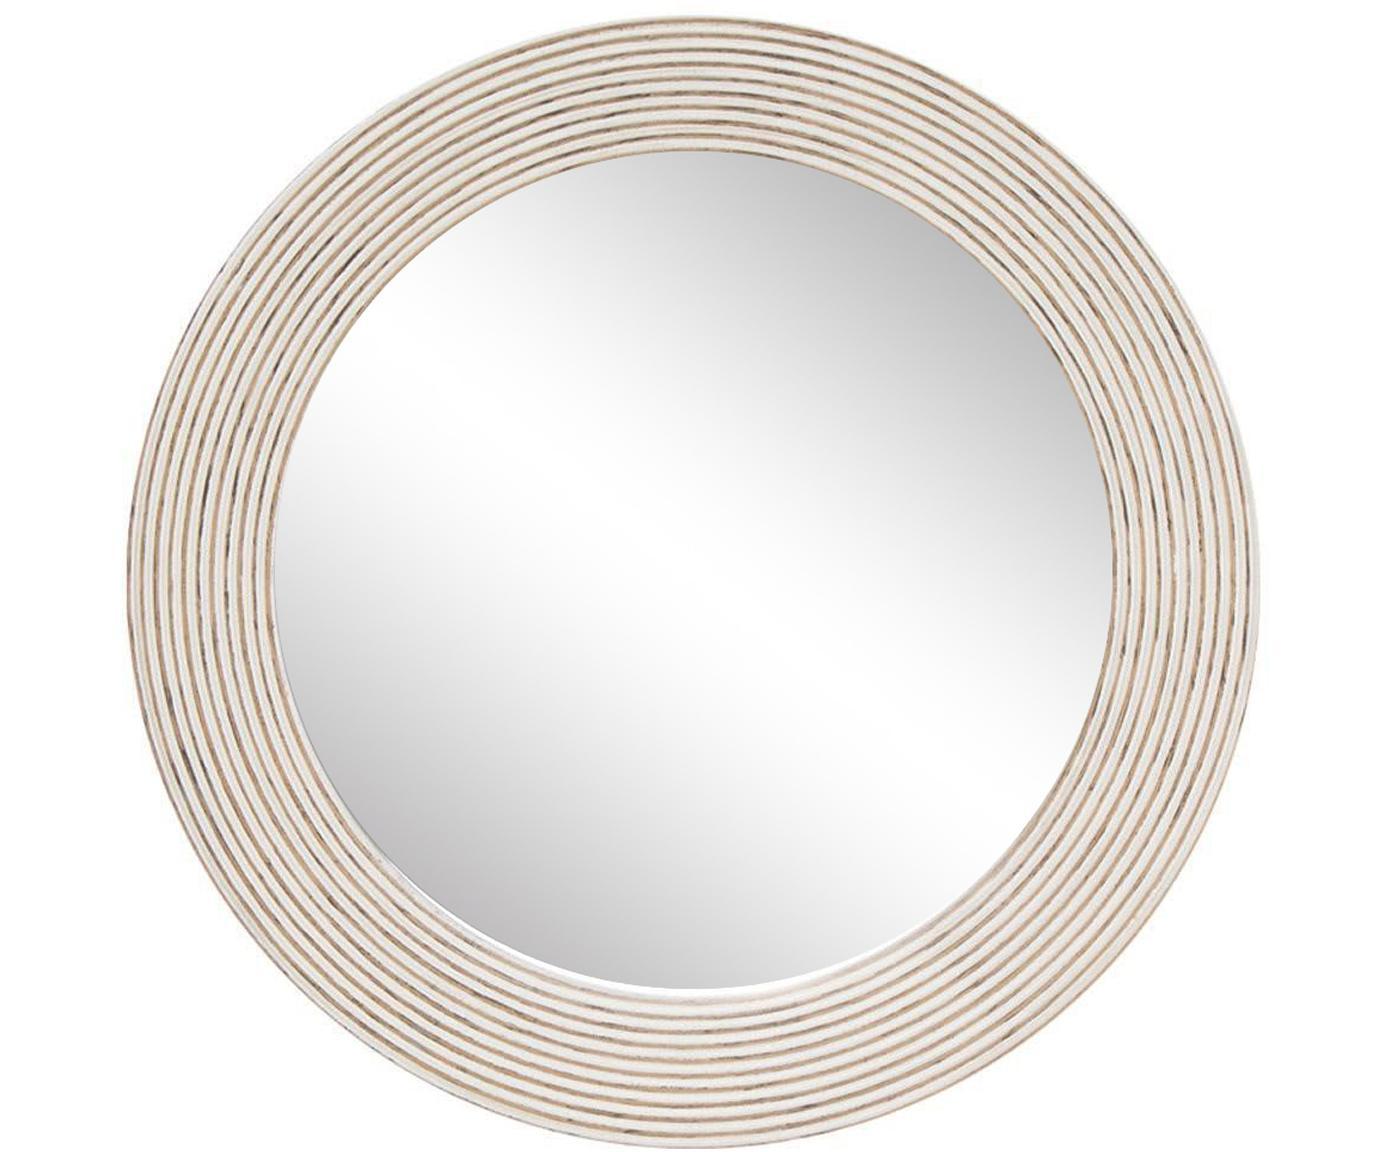 Espejo de pared Furrows, Madera reciclada, espejo de cristal, Beige, Ø 80 cm